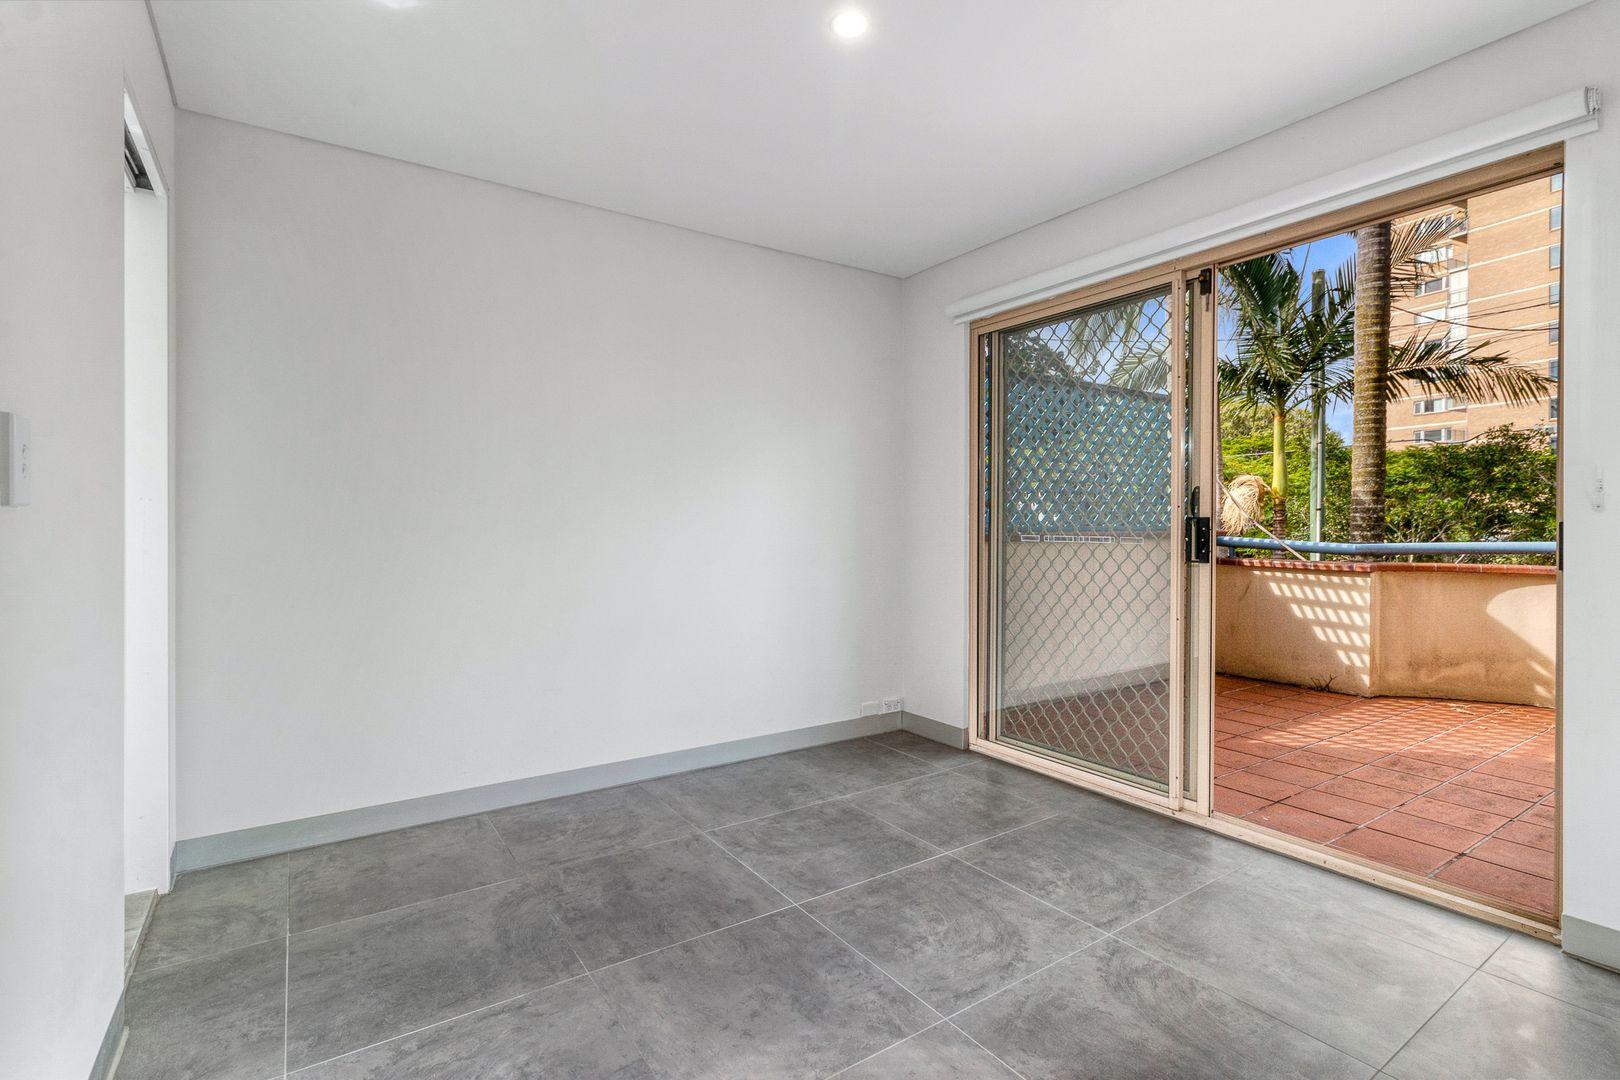 15/31 Glen Road, Toowong QLD 4066, Image 2